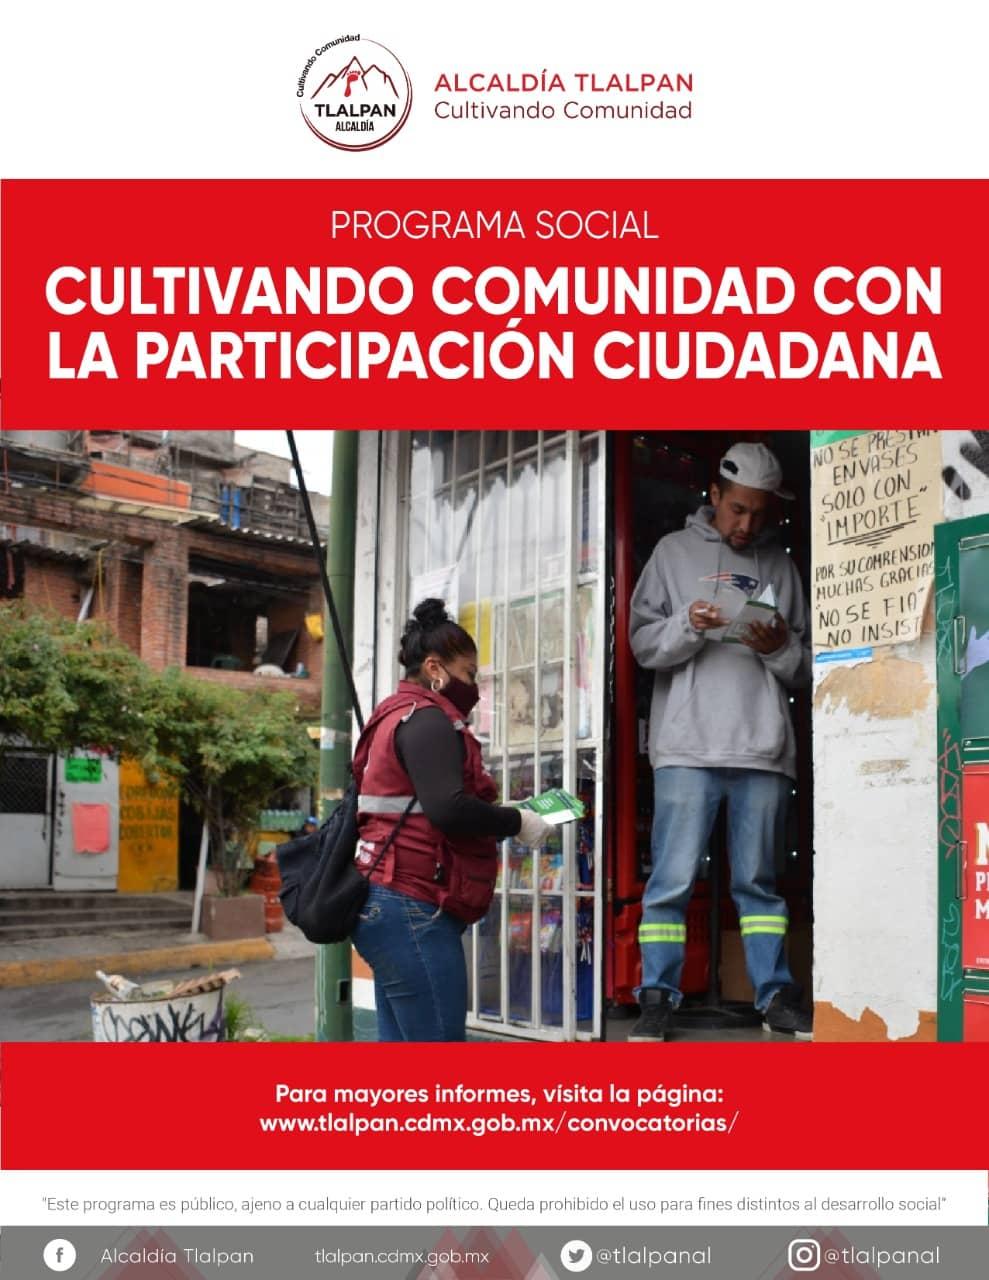 cultivando-comunidad-participacion-ciudadana